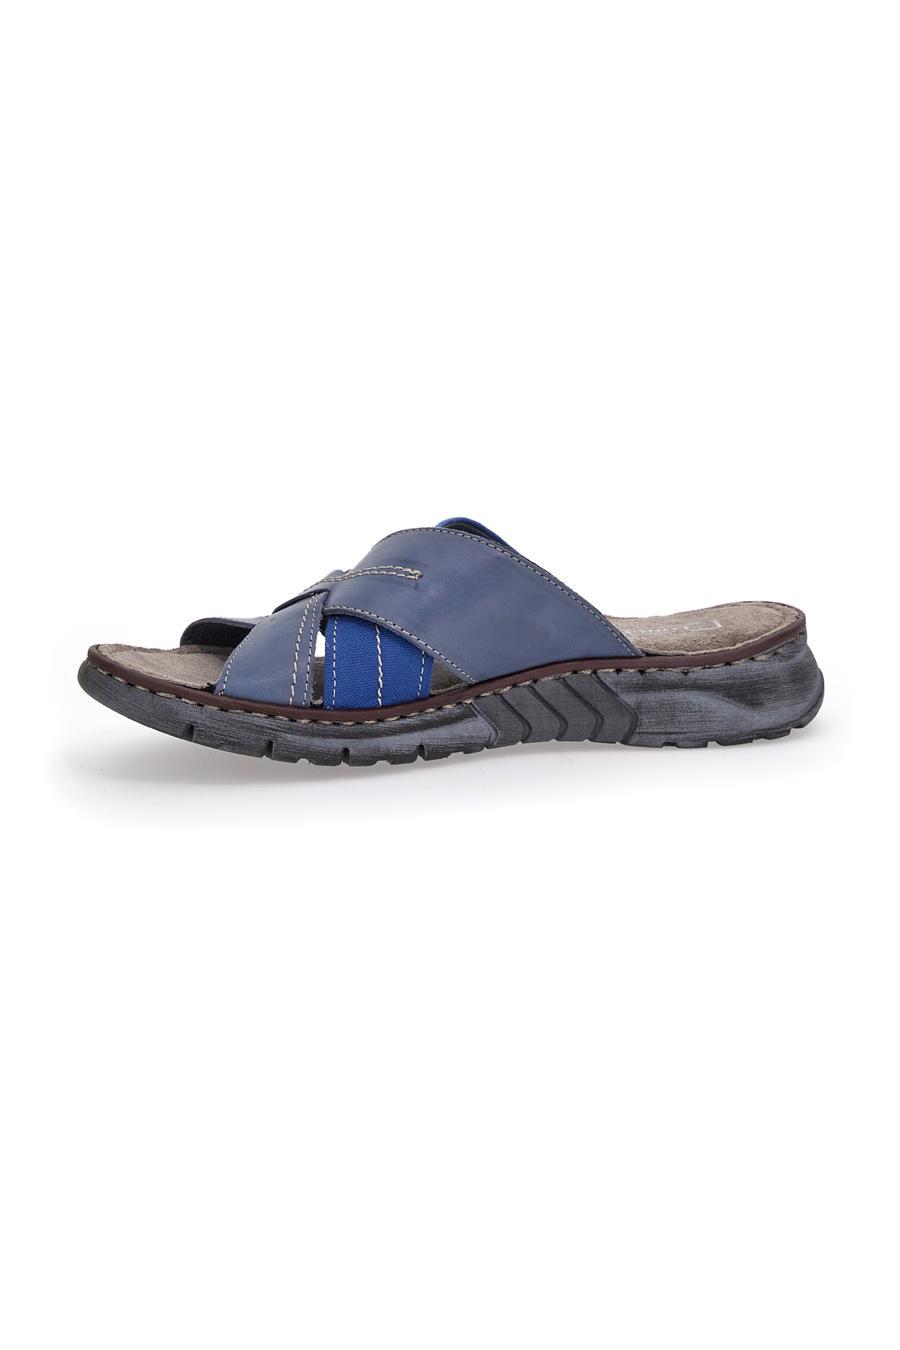 CIABATTE uomo blu LONGFORD 38403 | Pittarello